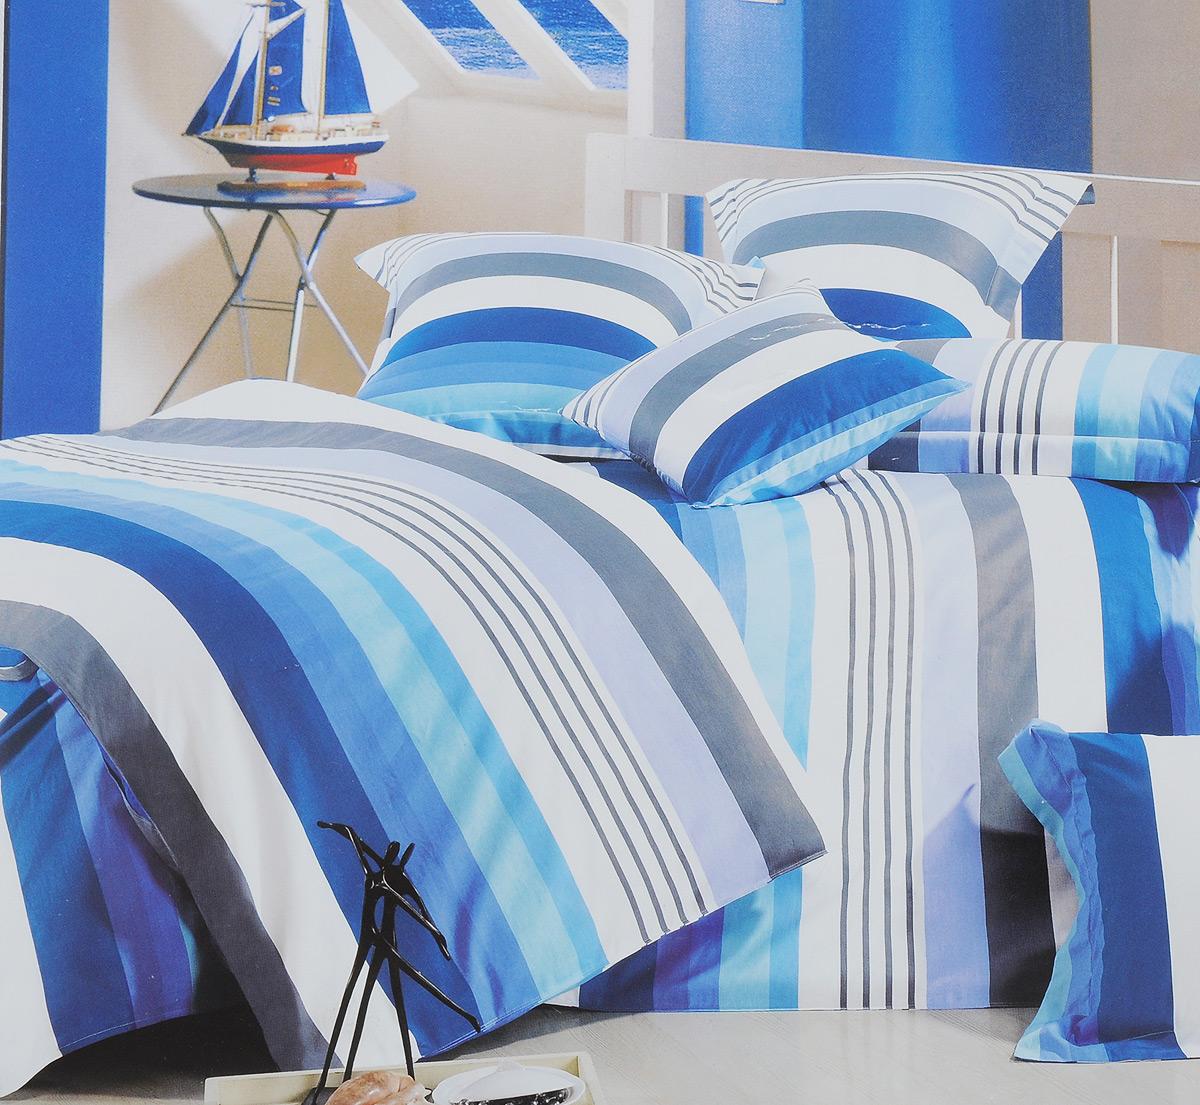 Комплект белья МарТекс Лагуна, 1,5-спальный, наволочки 70х70, цвет: белый, голубой, синий01-0345-1Комплект постельного белья МарТекс Лагуна состоит из пододеяльника на молнии, простыни и двух наволочек. Постельное белье оформлено оригинальным ярким рисунком и имеет изысканный внешний вид. Сатин - производится из высших сортов хлопка, а своим блеском, легкостью и на ощупь напоминает шелк. Такая ткань рассчитана на 200 стирок и более. Постельное белье из сатина превращает жаркие летние ночи в прохладные и освежающие, а холодные зимние - в теплые и согревающие. Благодаря натуральному хлопку, комплект постельного белья из сатина приобретает способность пропускать воздух, давая возможность телу дышать. Одно из преимуществ материала в том, что он практически не мнется и ваша спальня всегда будет аккуратной и нарядной. Приобретая комплект постельного белья МарТекс Лагуна, вы можете быть уверенны в том, что покупка доставит вам и вашим близким удовольствие и подарит максимальный комфорт.